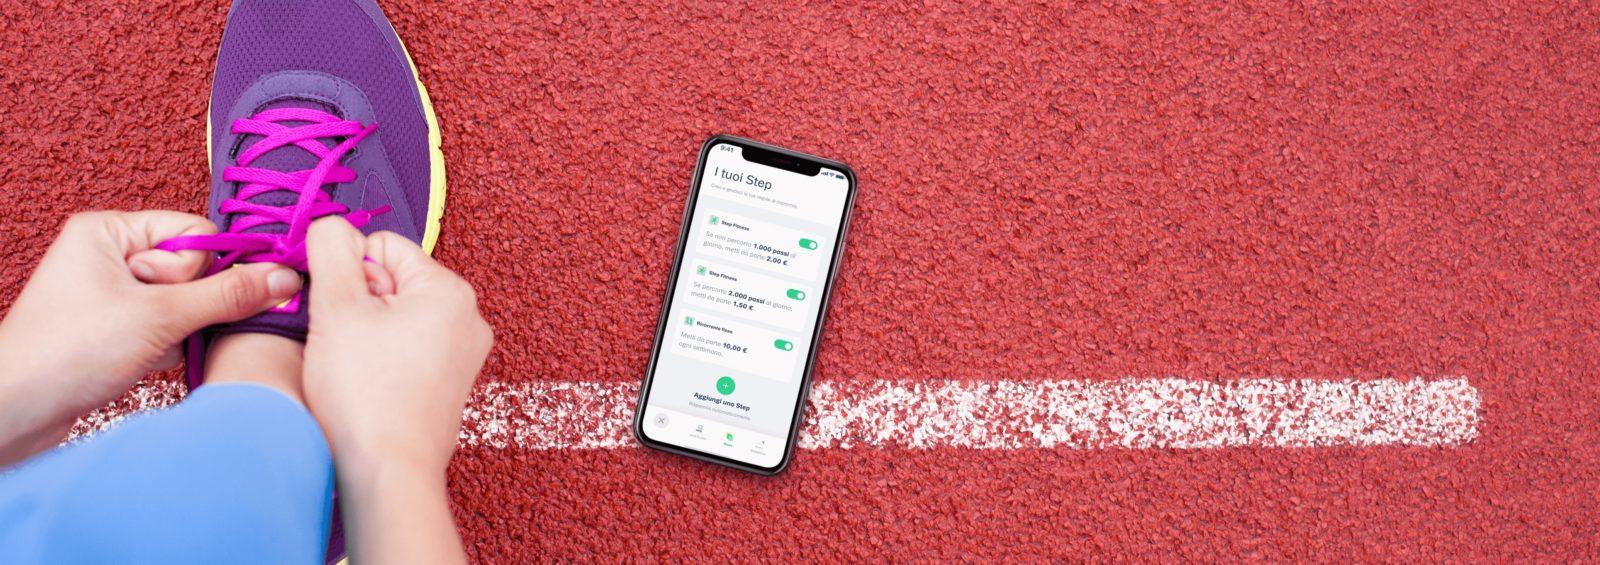 Oval, sempre più rivoluzionario il servizio di mobile banking dedicato ai millennials